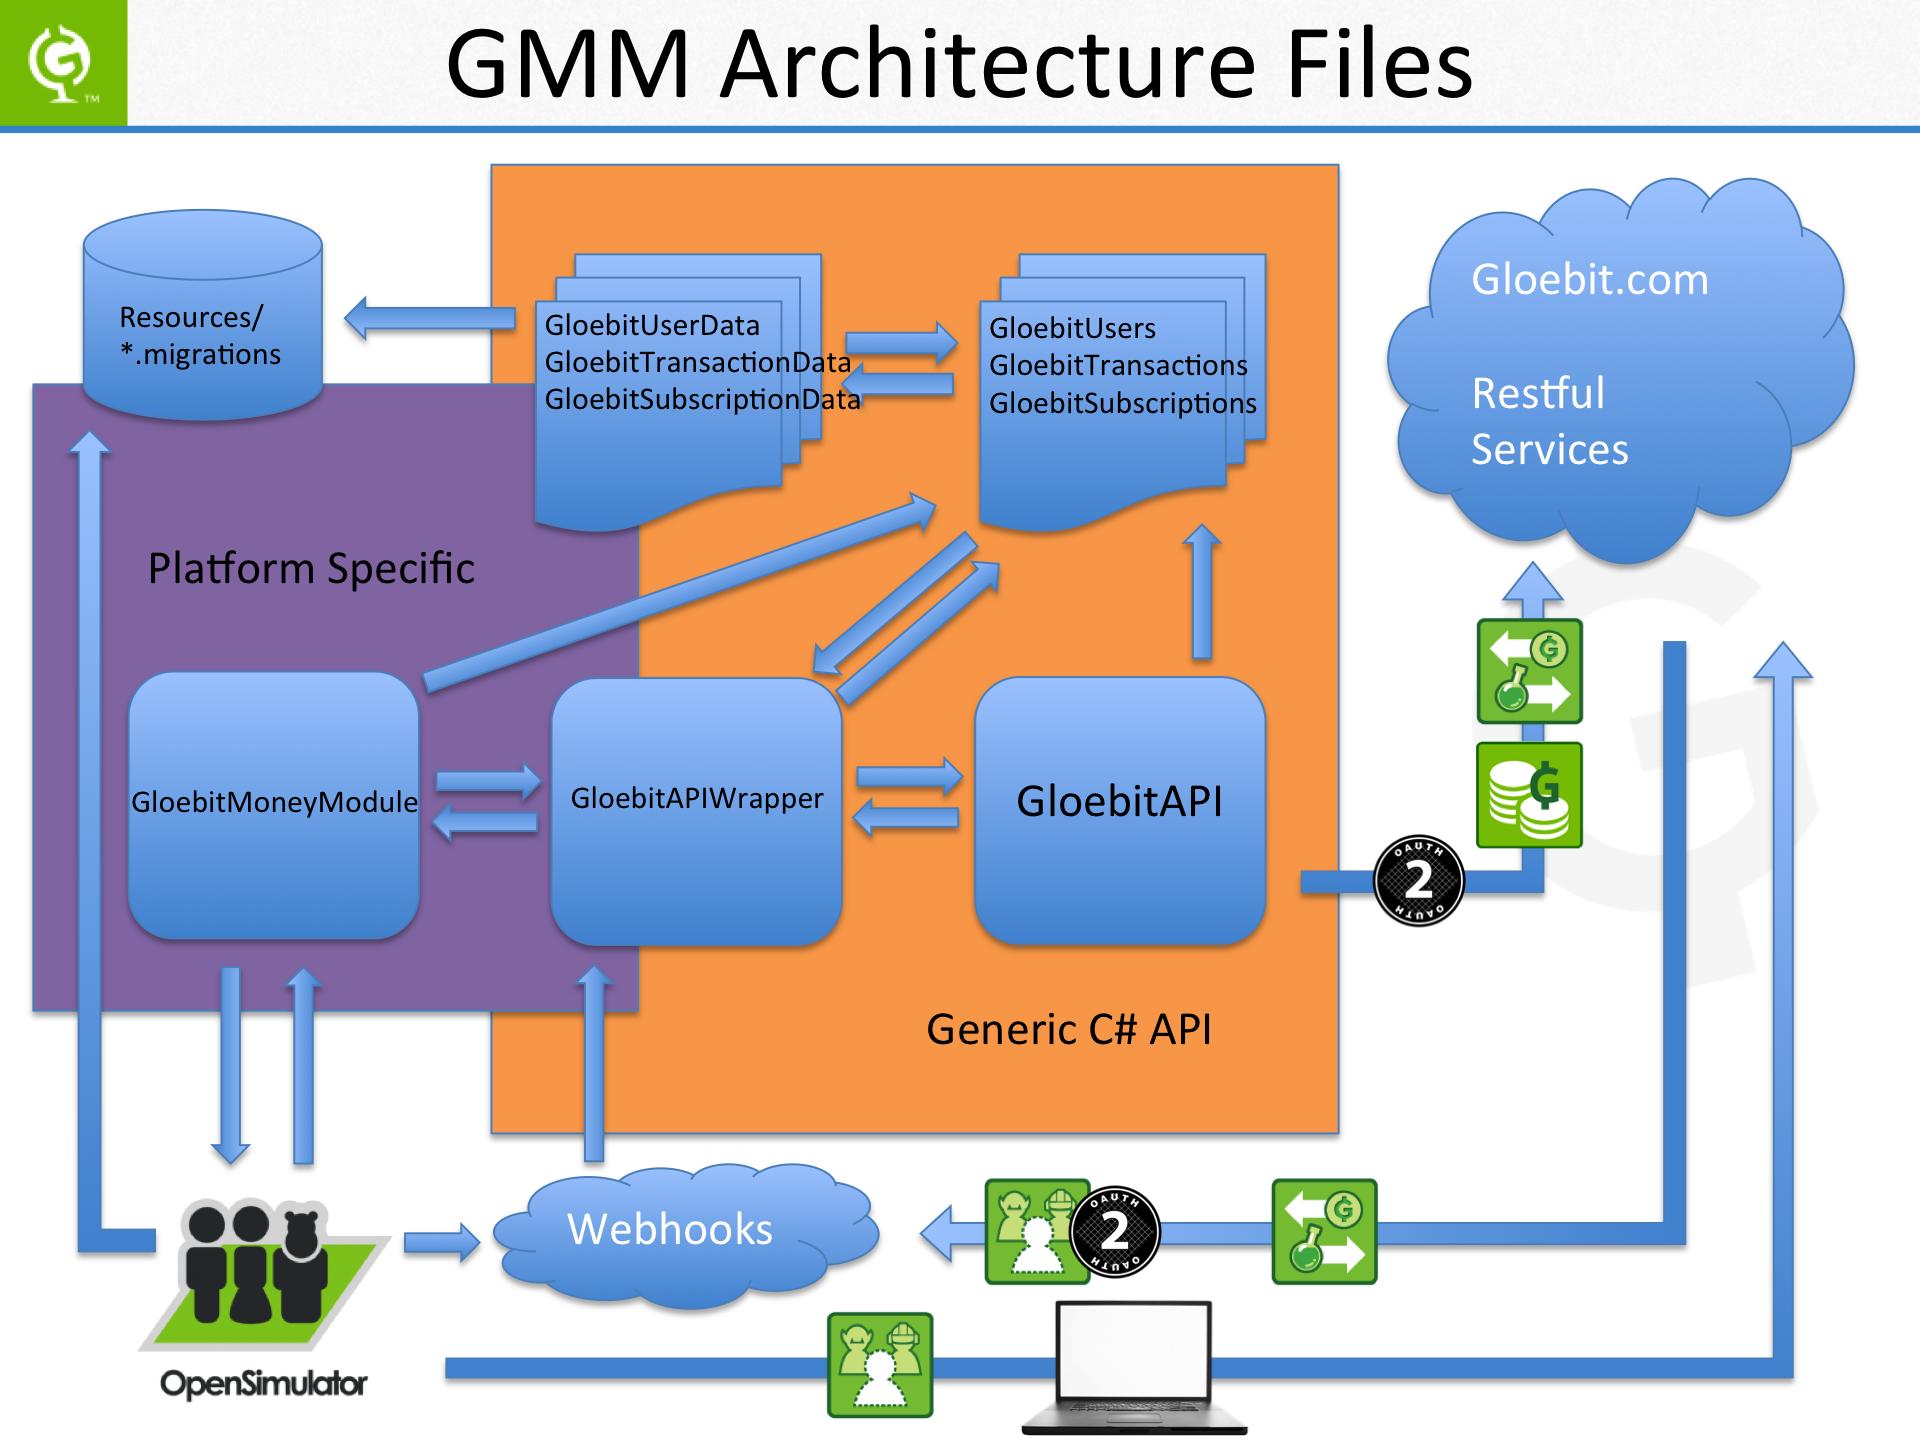 GMM Architecture Files Slide